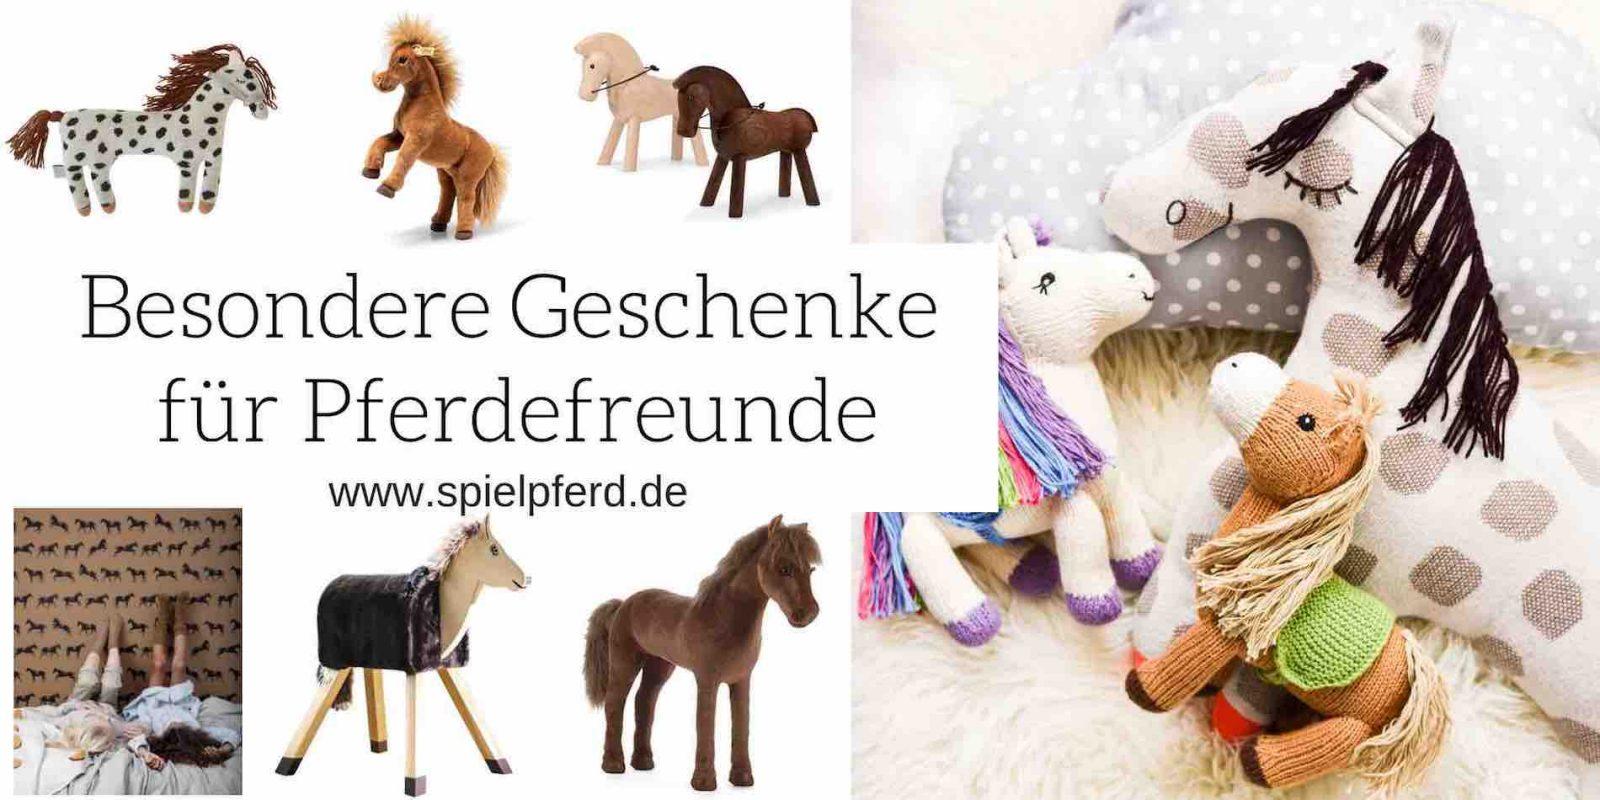 Besondere Pferde Geschenke für Mädchen und Jungen, Geschenkideen für Pferdefans, Pferdefreunde: Stehpferd XXL, Plüschpferd zum Reiten, Holzpferd für drinnen, Kuschelpferd, Pferde Tapete fürs Kinderzimmer.